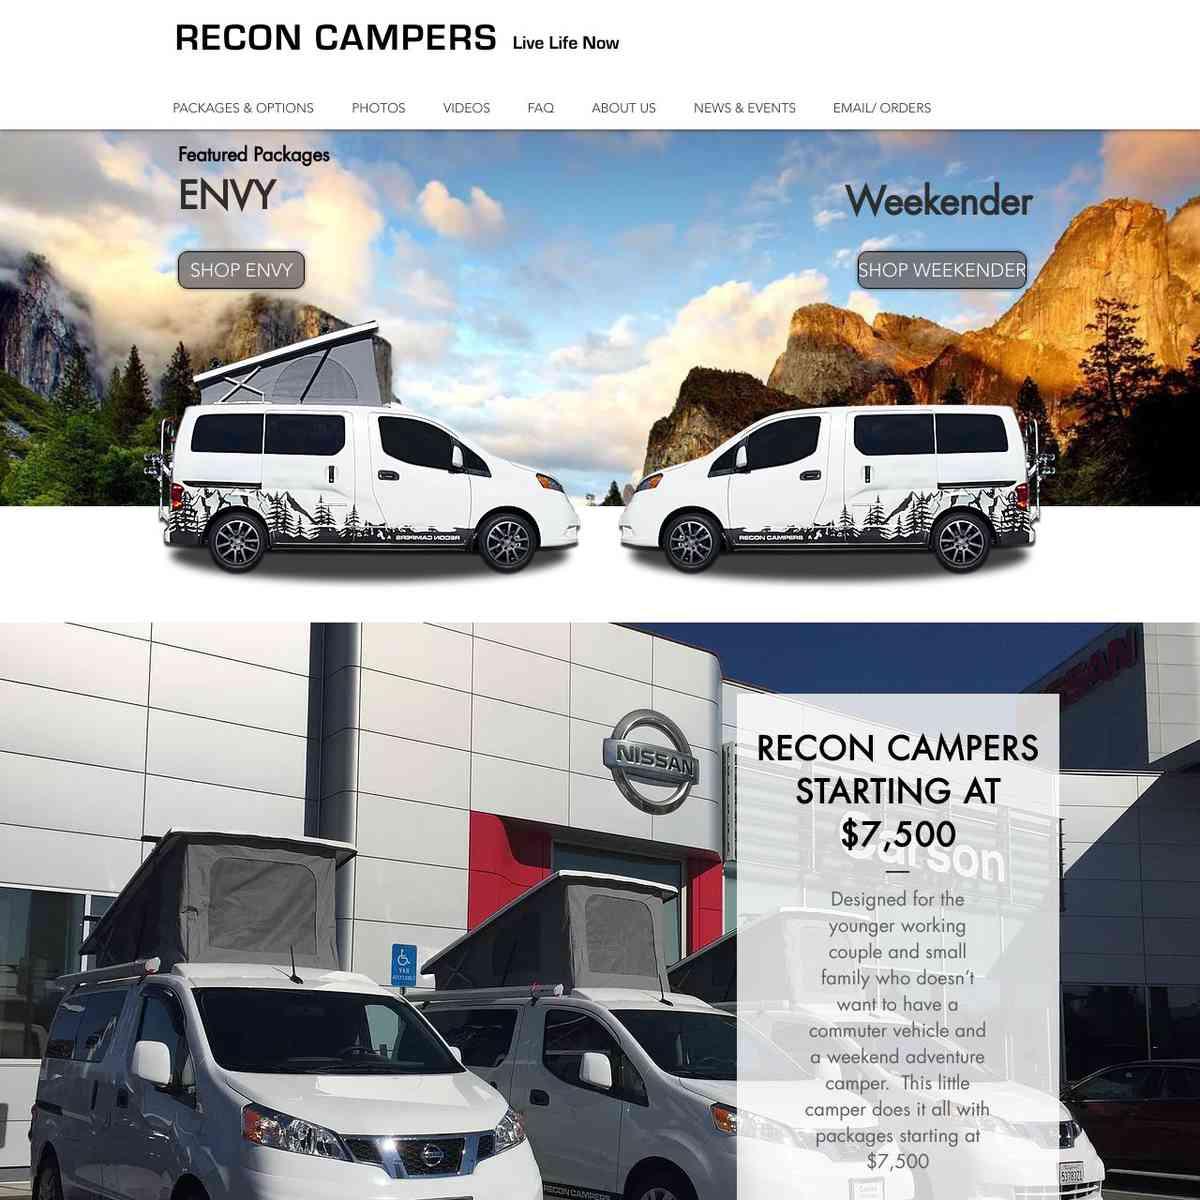 reconcampers.com